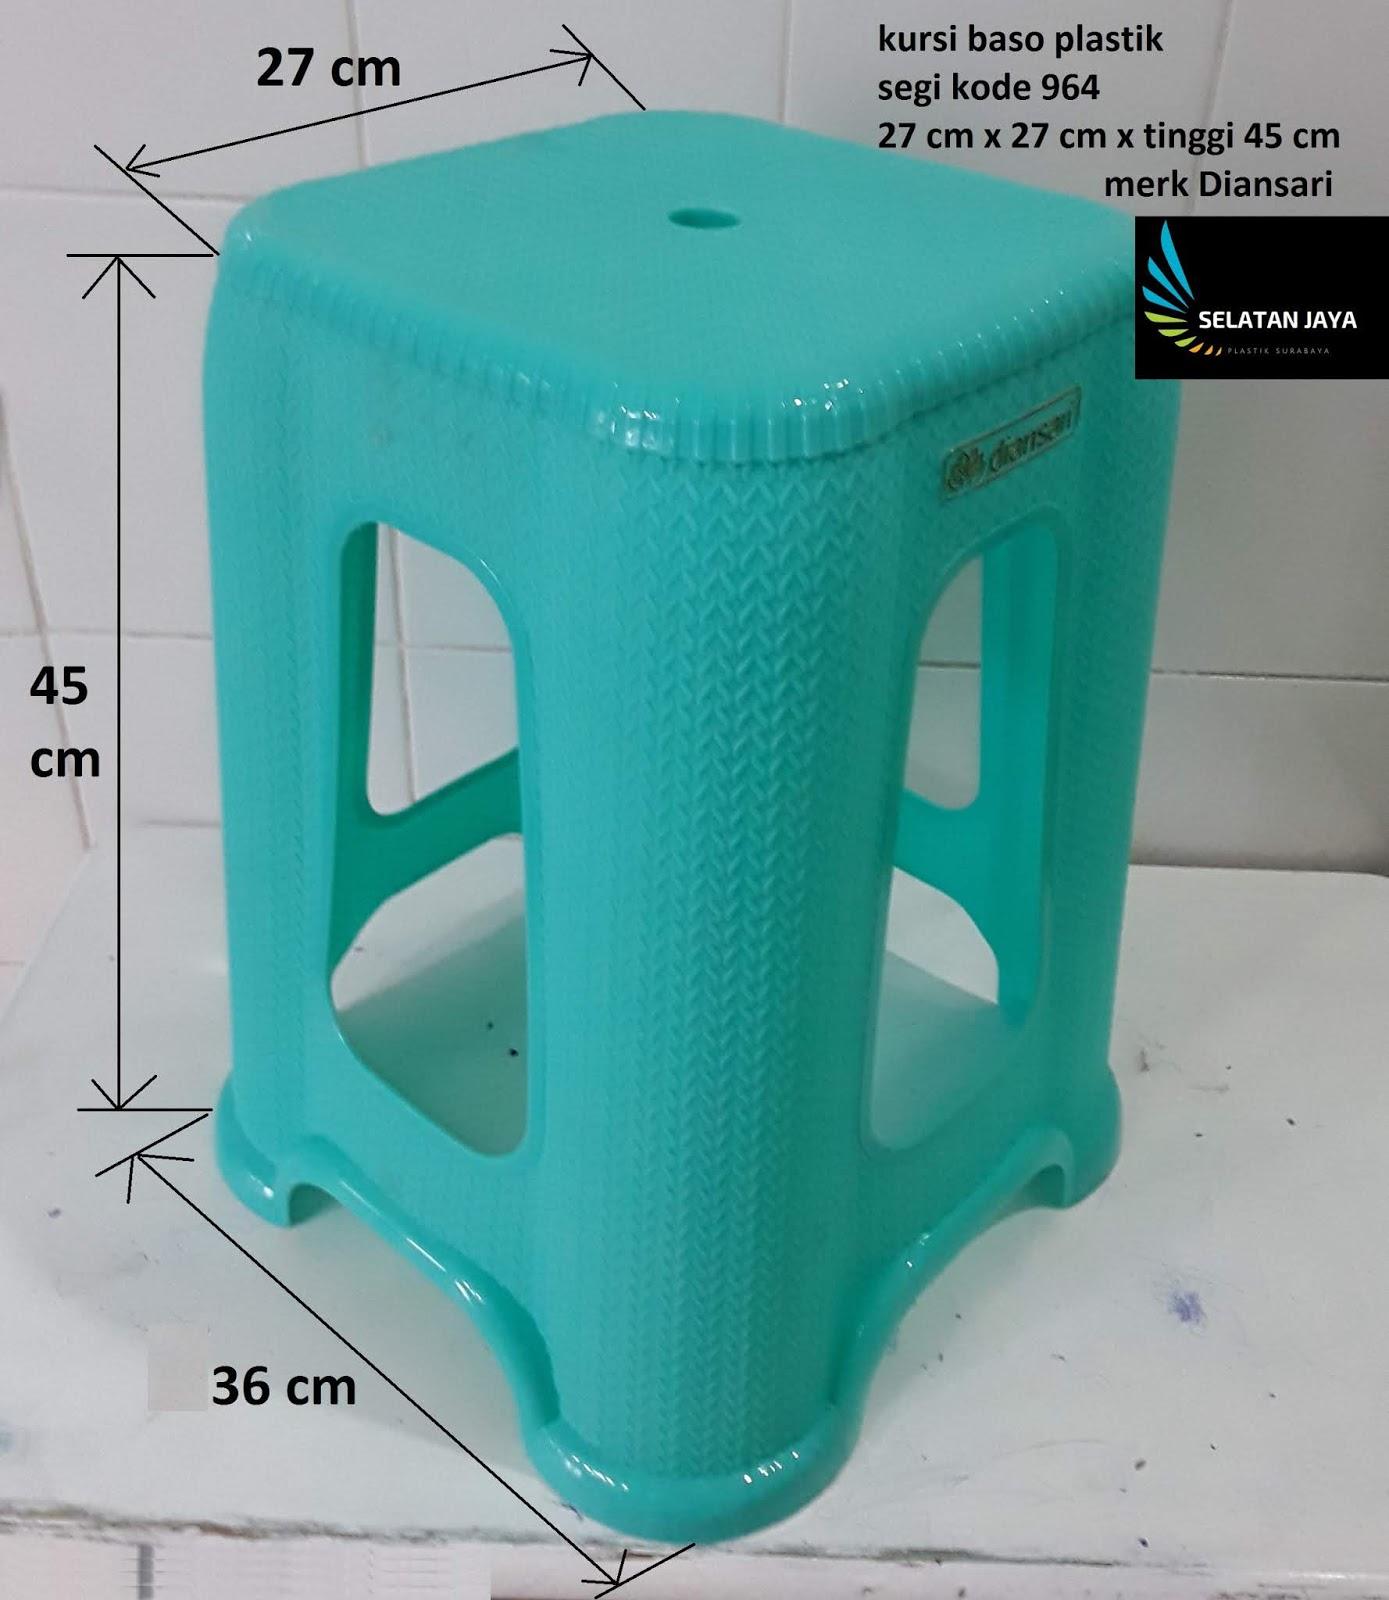 Kursi baso segi motif rantai kode 964 merk Diansari. kursi bakso plastik  tebal 1a62e5e1ef